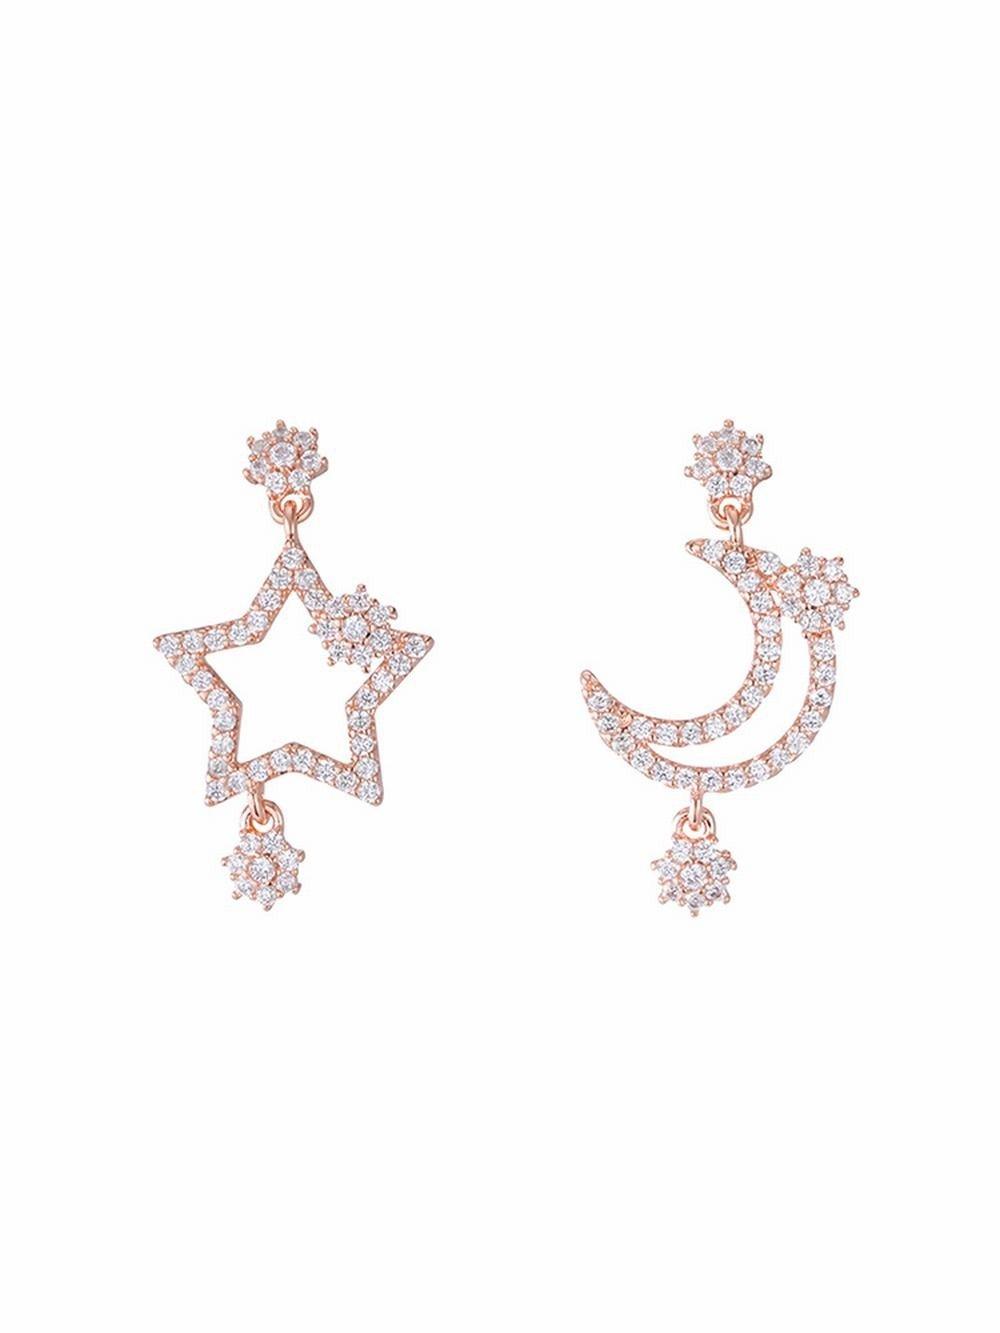 Ling Studs Earrings Hypoallergenic Cartilage Ear Piercing Simple Star Moon Asymmetric Stud Earrings Joker Short Zircon Earrings